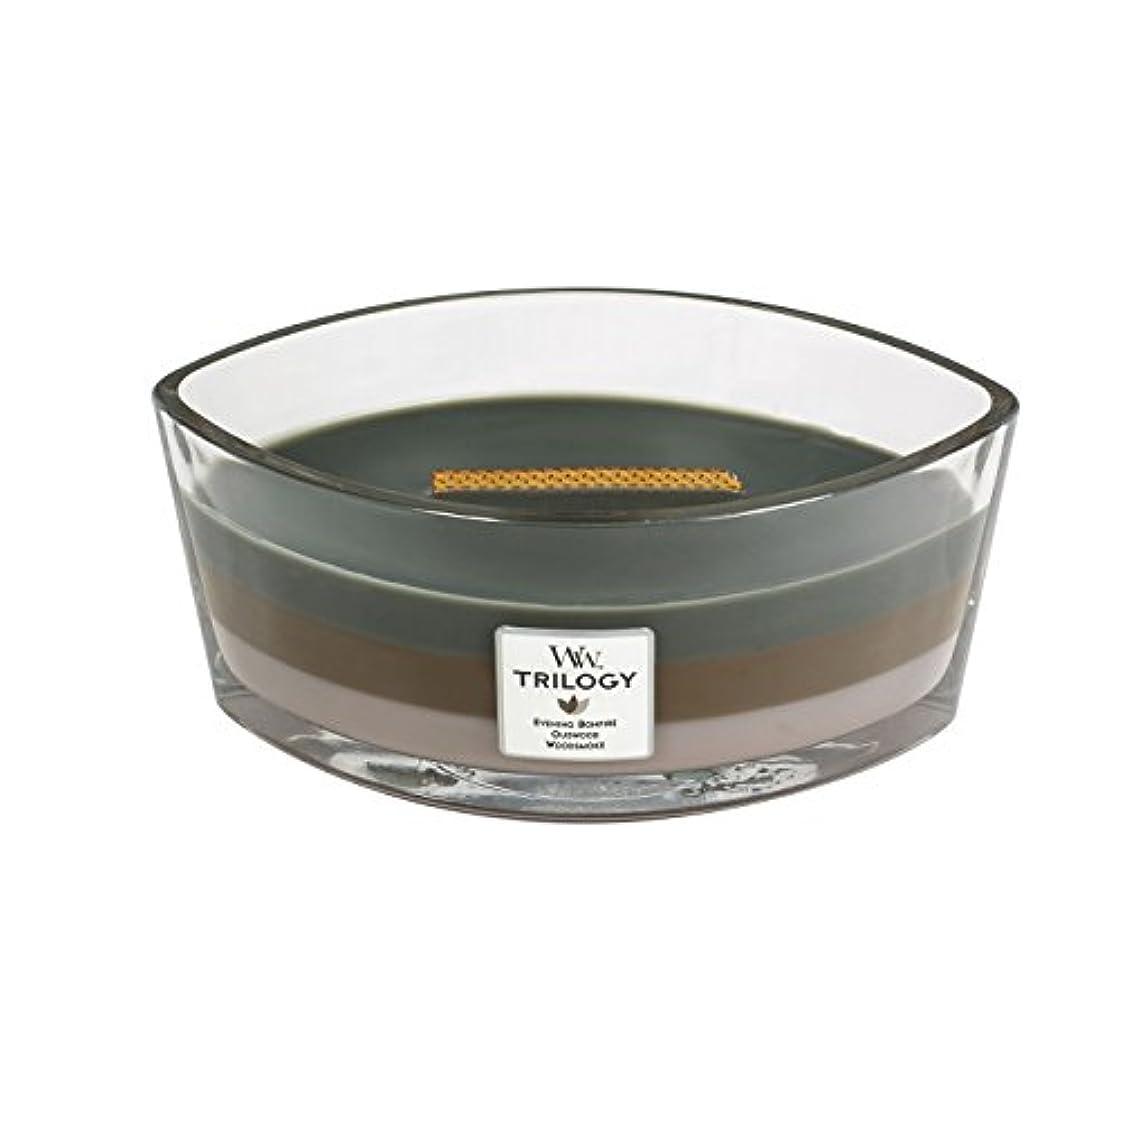 アグネスグレイスローガン前者WoodWick Trilogy cosy CABIN, 3-in-1 Highly Scented Candle, Ellipse Glass Jar with Original HearthWick Flame, Large...